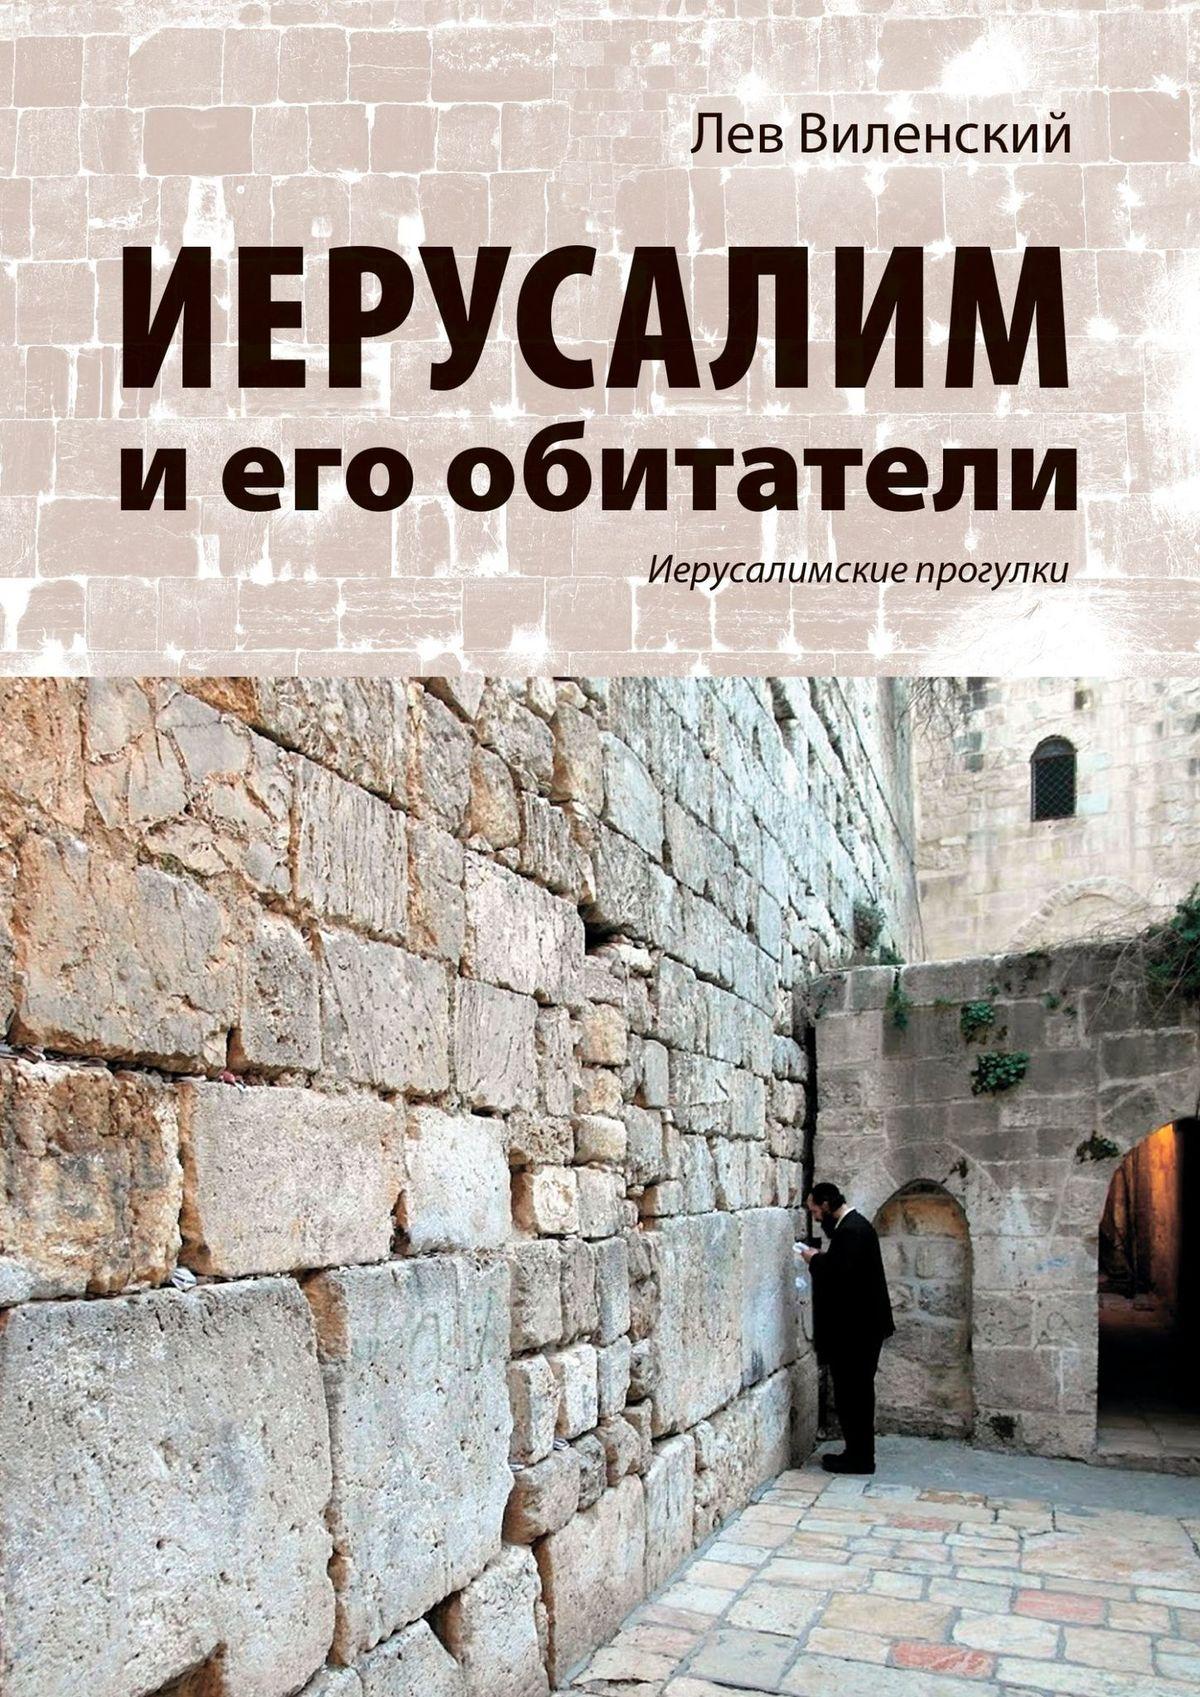 Иерусалим иего обитатели. Иерусалимские прогулки